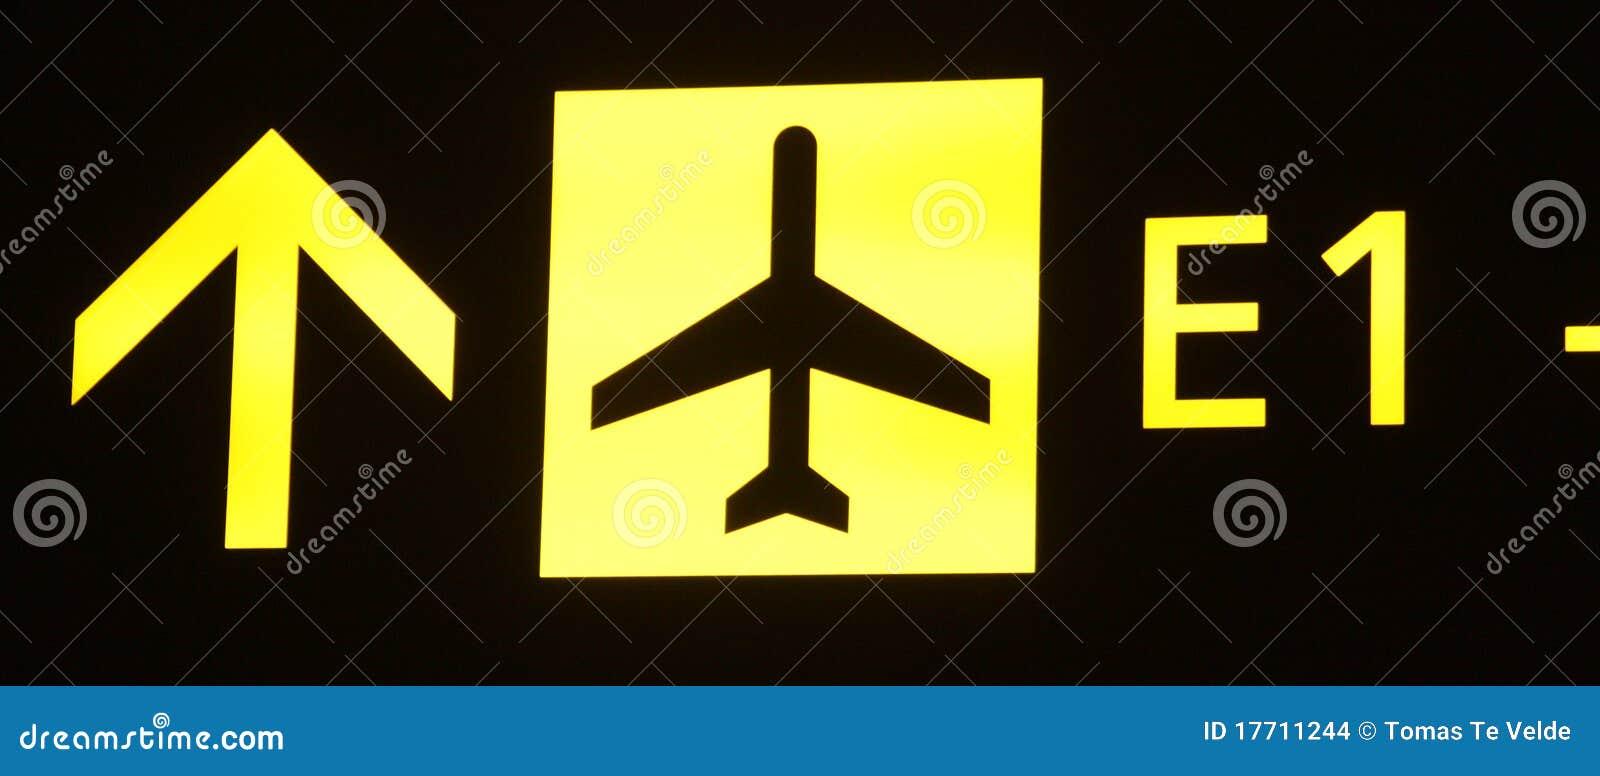 飞机符号 库存图片 - 图片